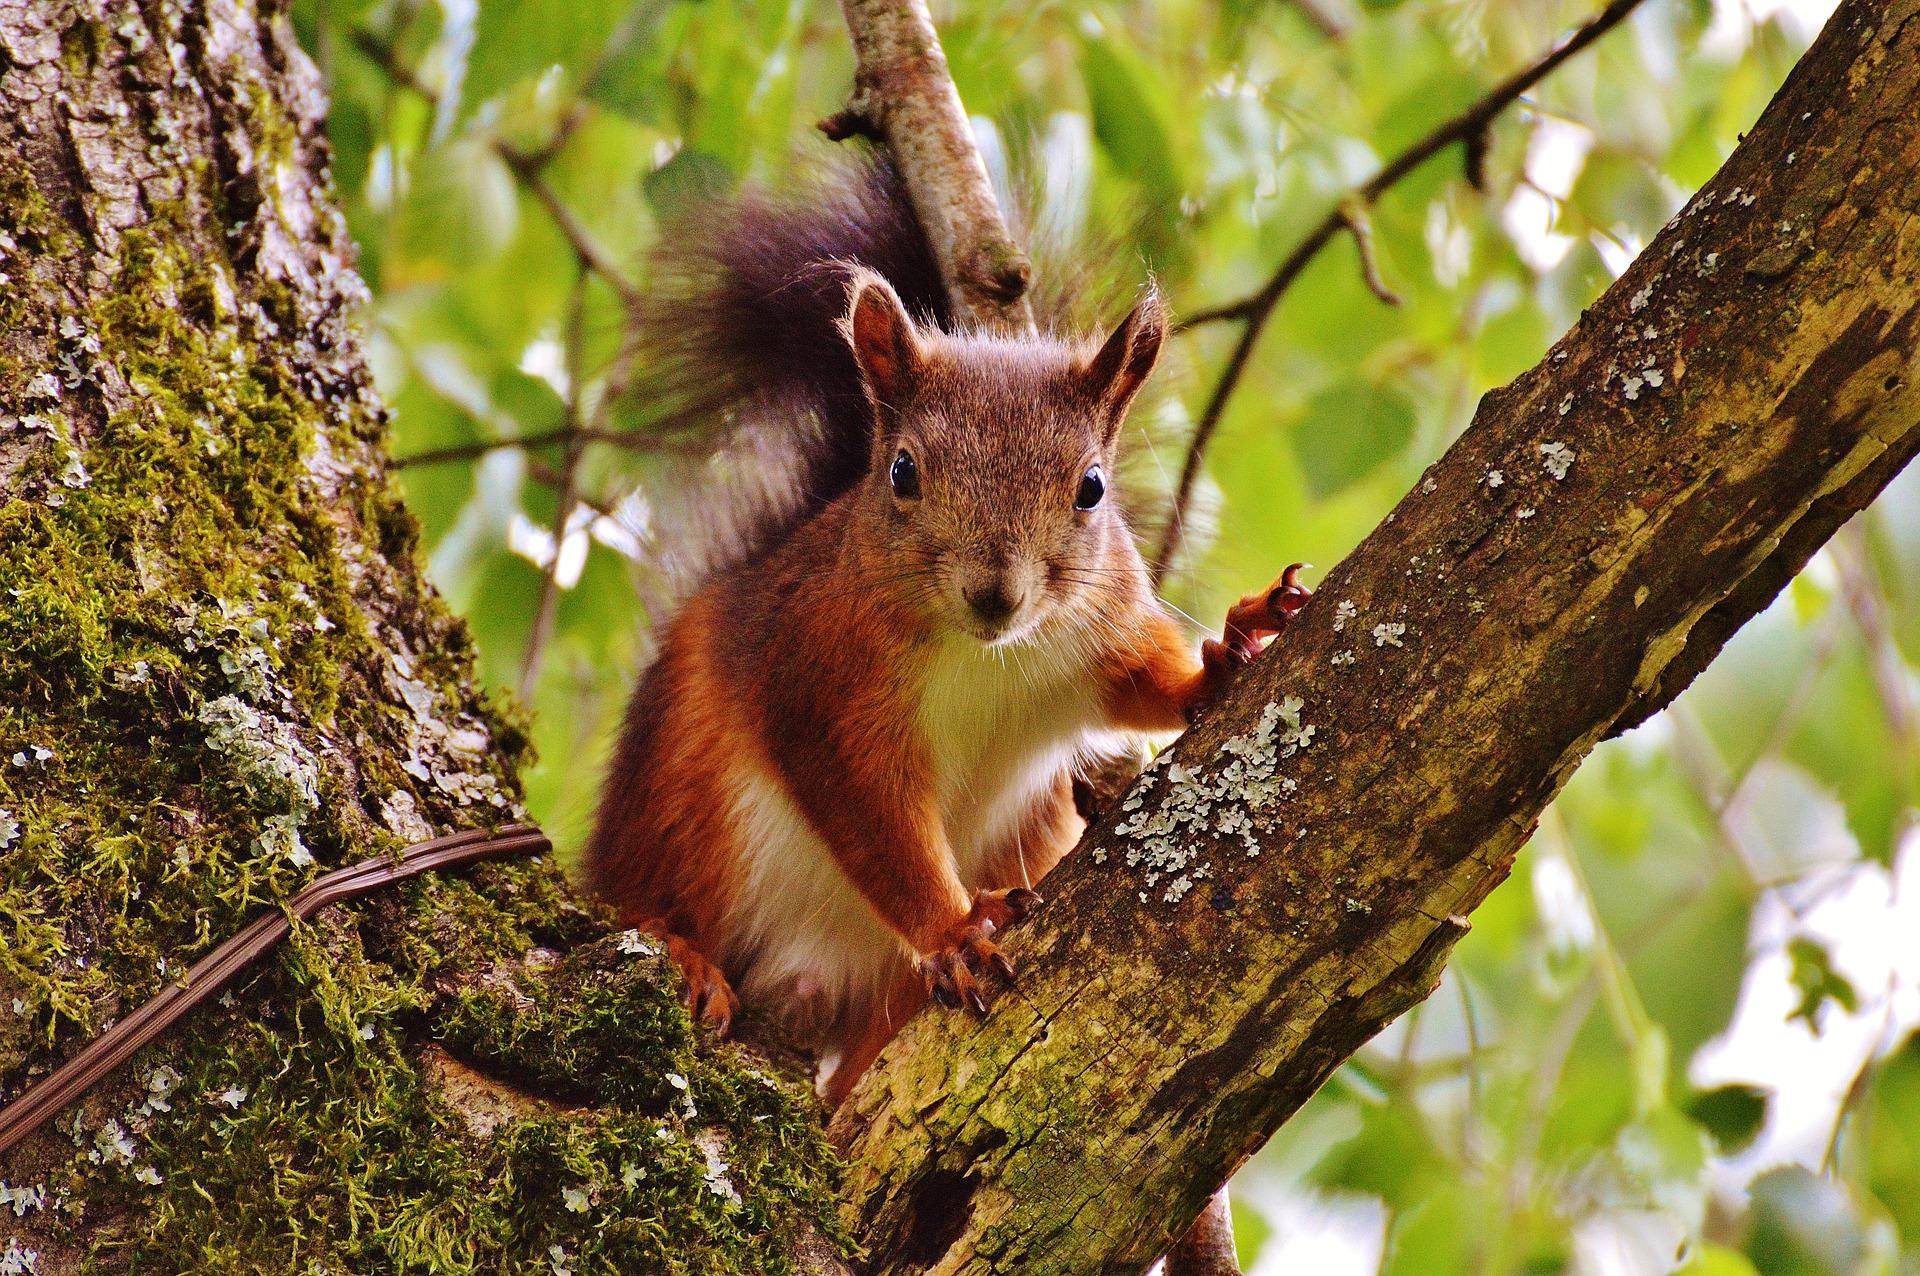 Veverica sedi na grani drveta